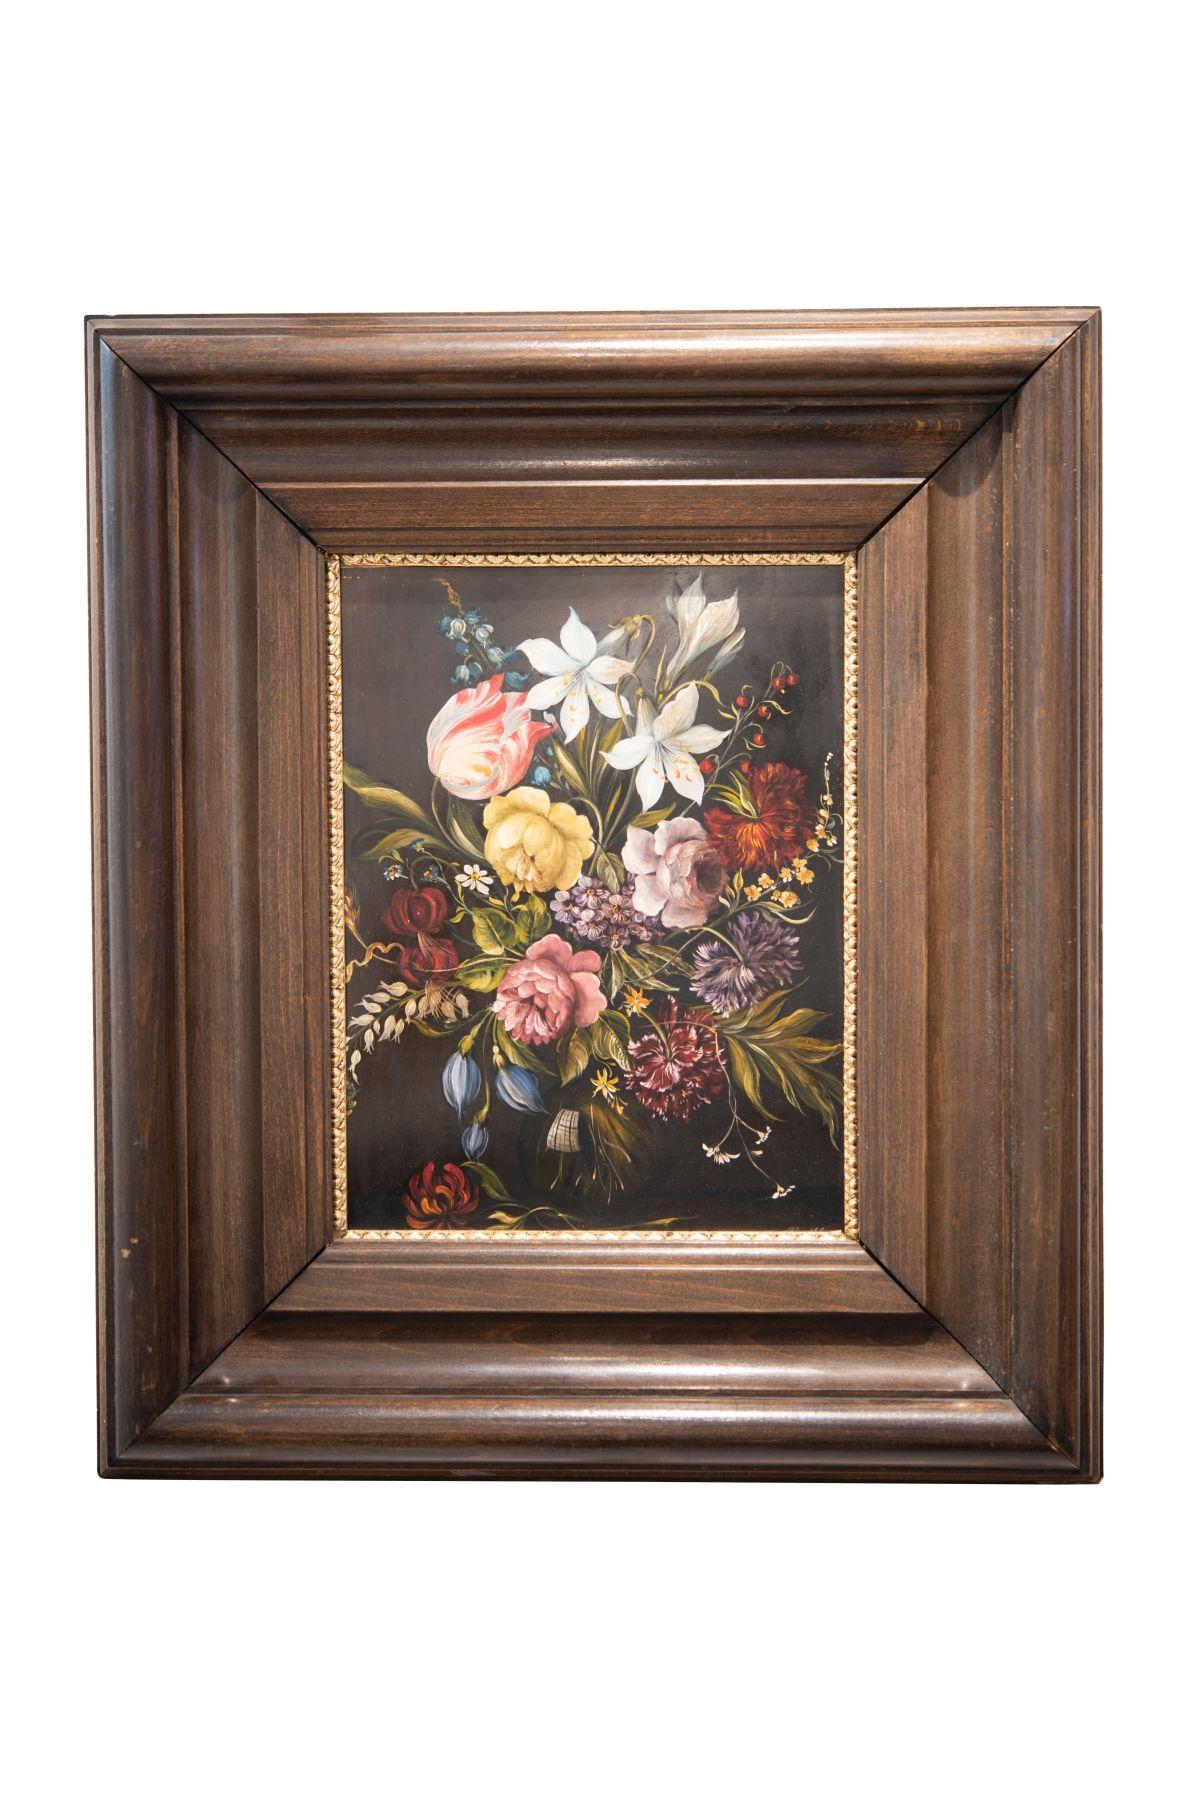 #103 Still life with flowers   Blumenstillleben Image